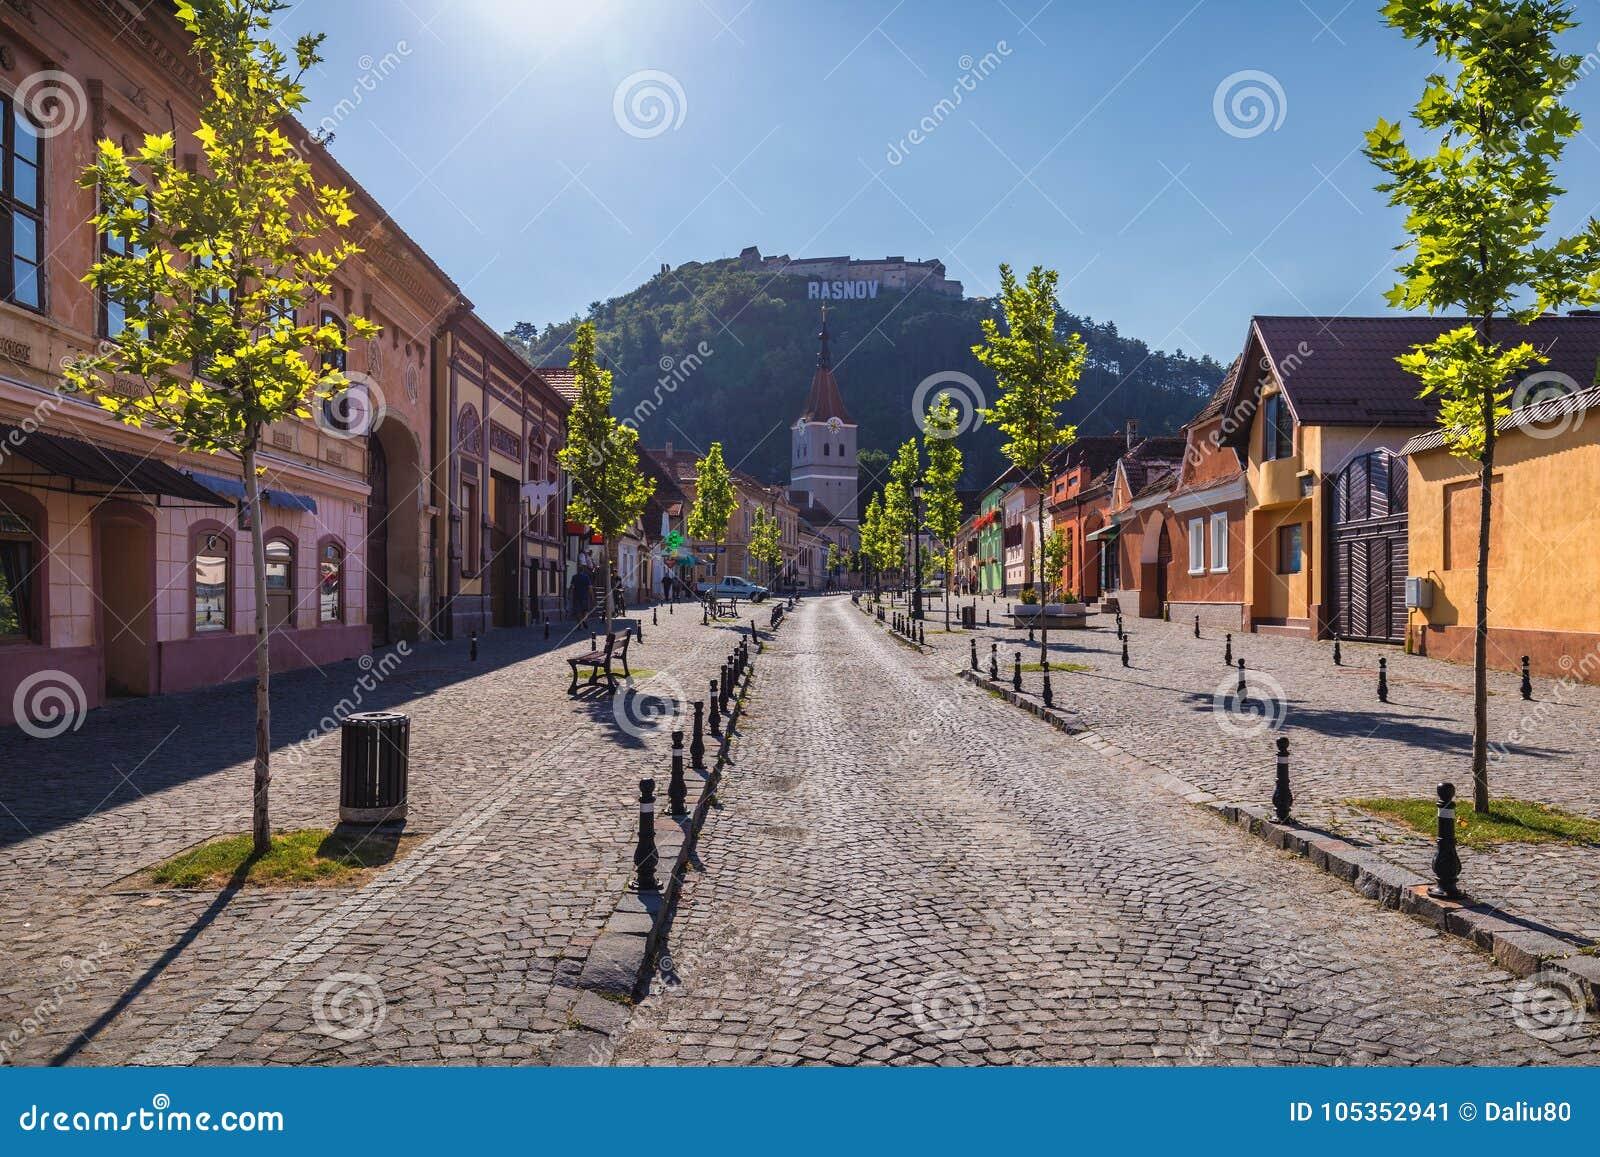 Wehrkirche in Rasnov-Stadt und in der mittelalterlichen Festung Cetate I